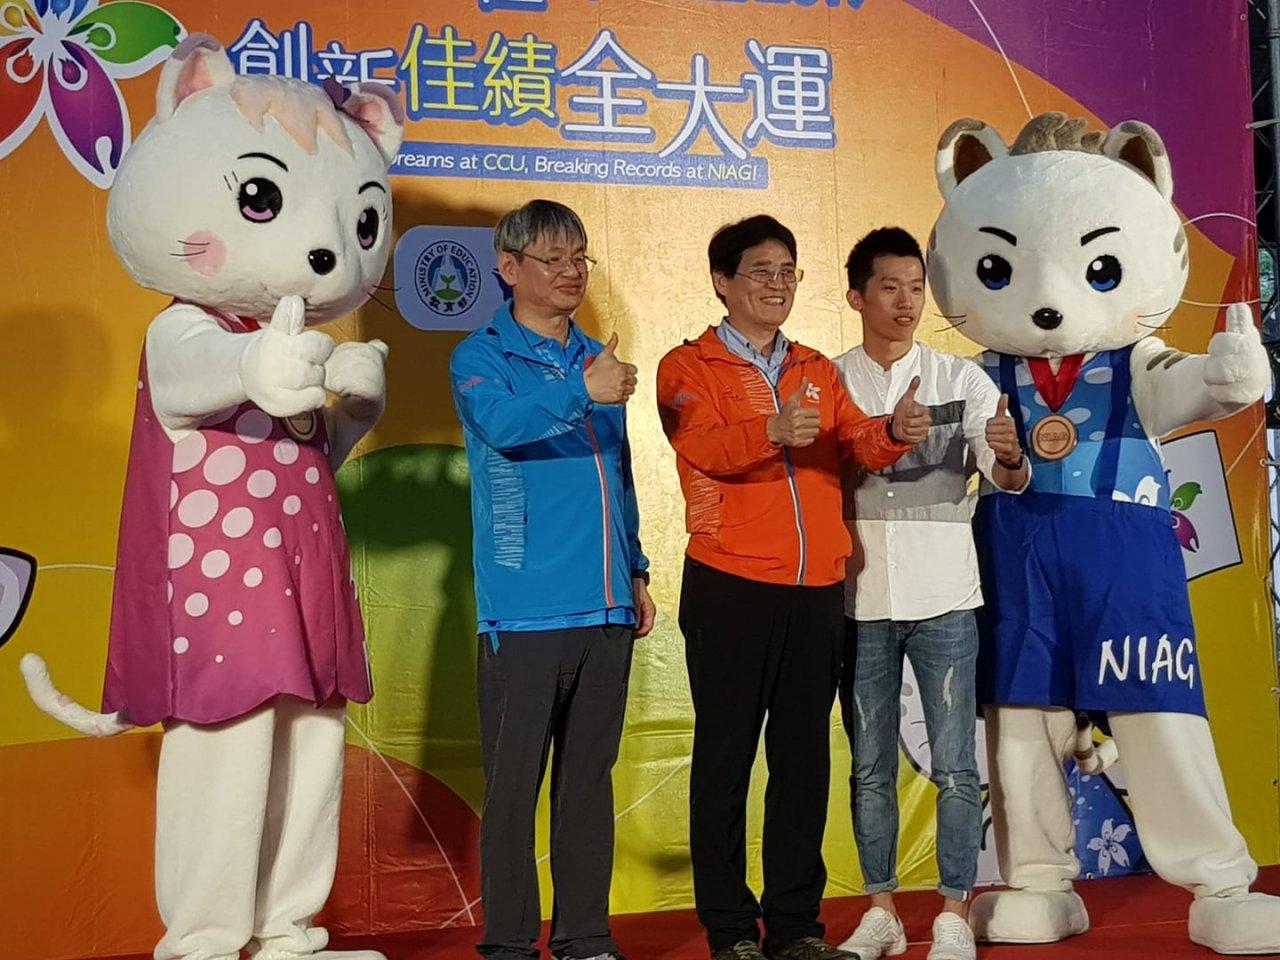 郭婞淳、李智凱、楊俊瀚等參賽 108全大運星光熠熠